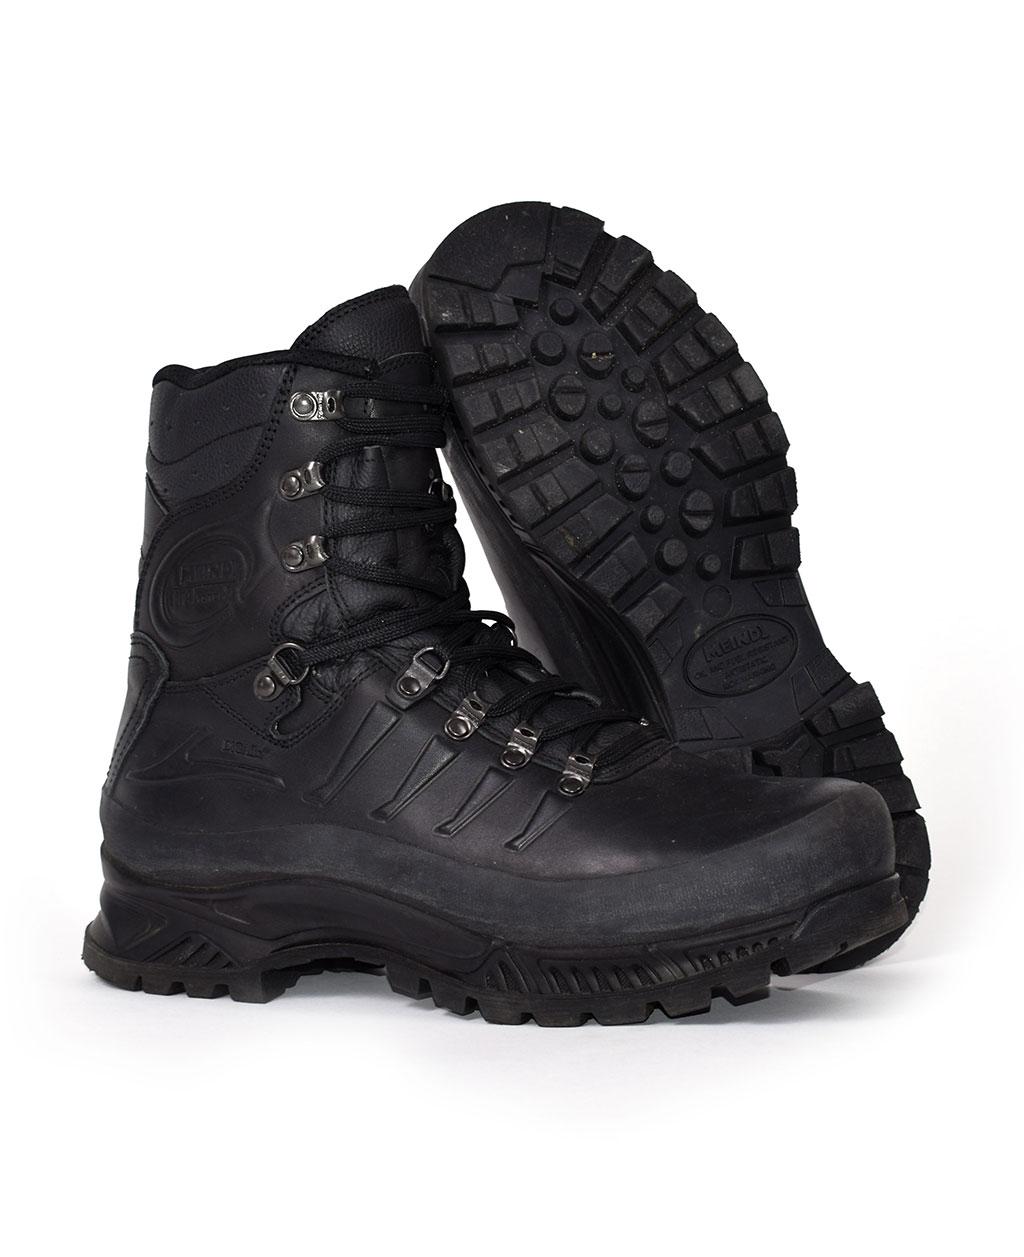 Ботинки-берцы MEINDL Gore-Tex Mod.10245 black, купить в Интернет-магазине ForceAge.